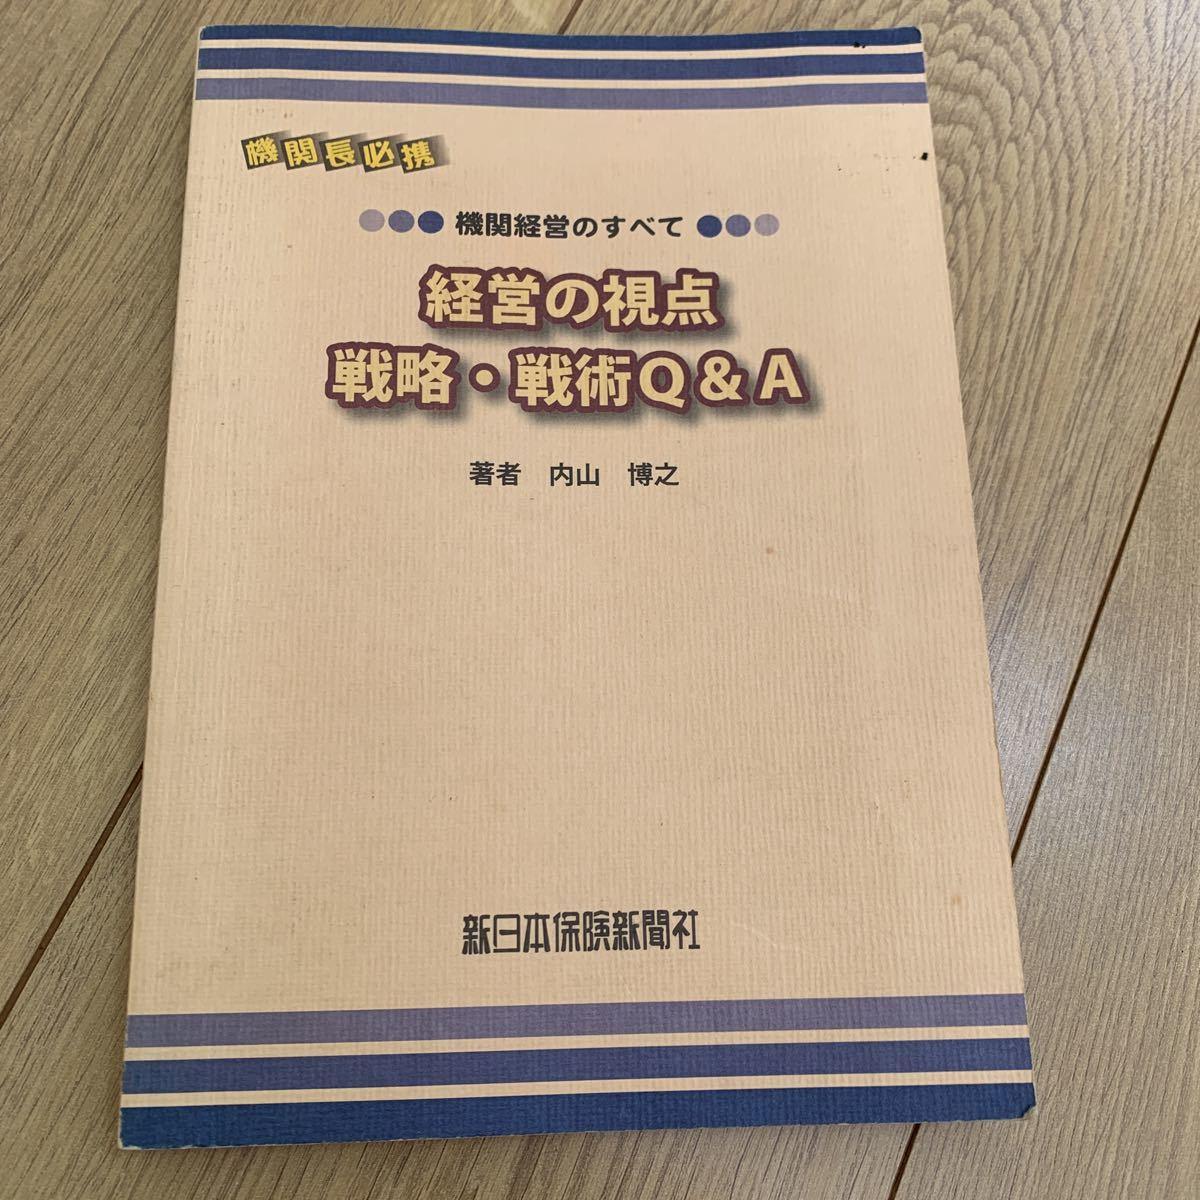 経営の視点 戦略・戦術Q&A (機関経営のすべて) /内山 博之 / 新日本保険新聞社 / 生命保険